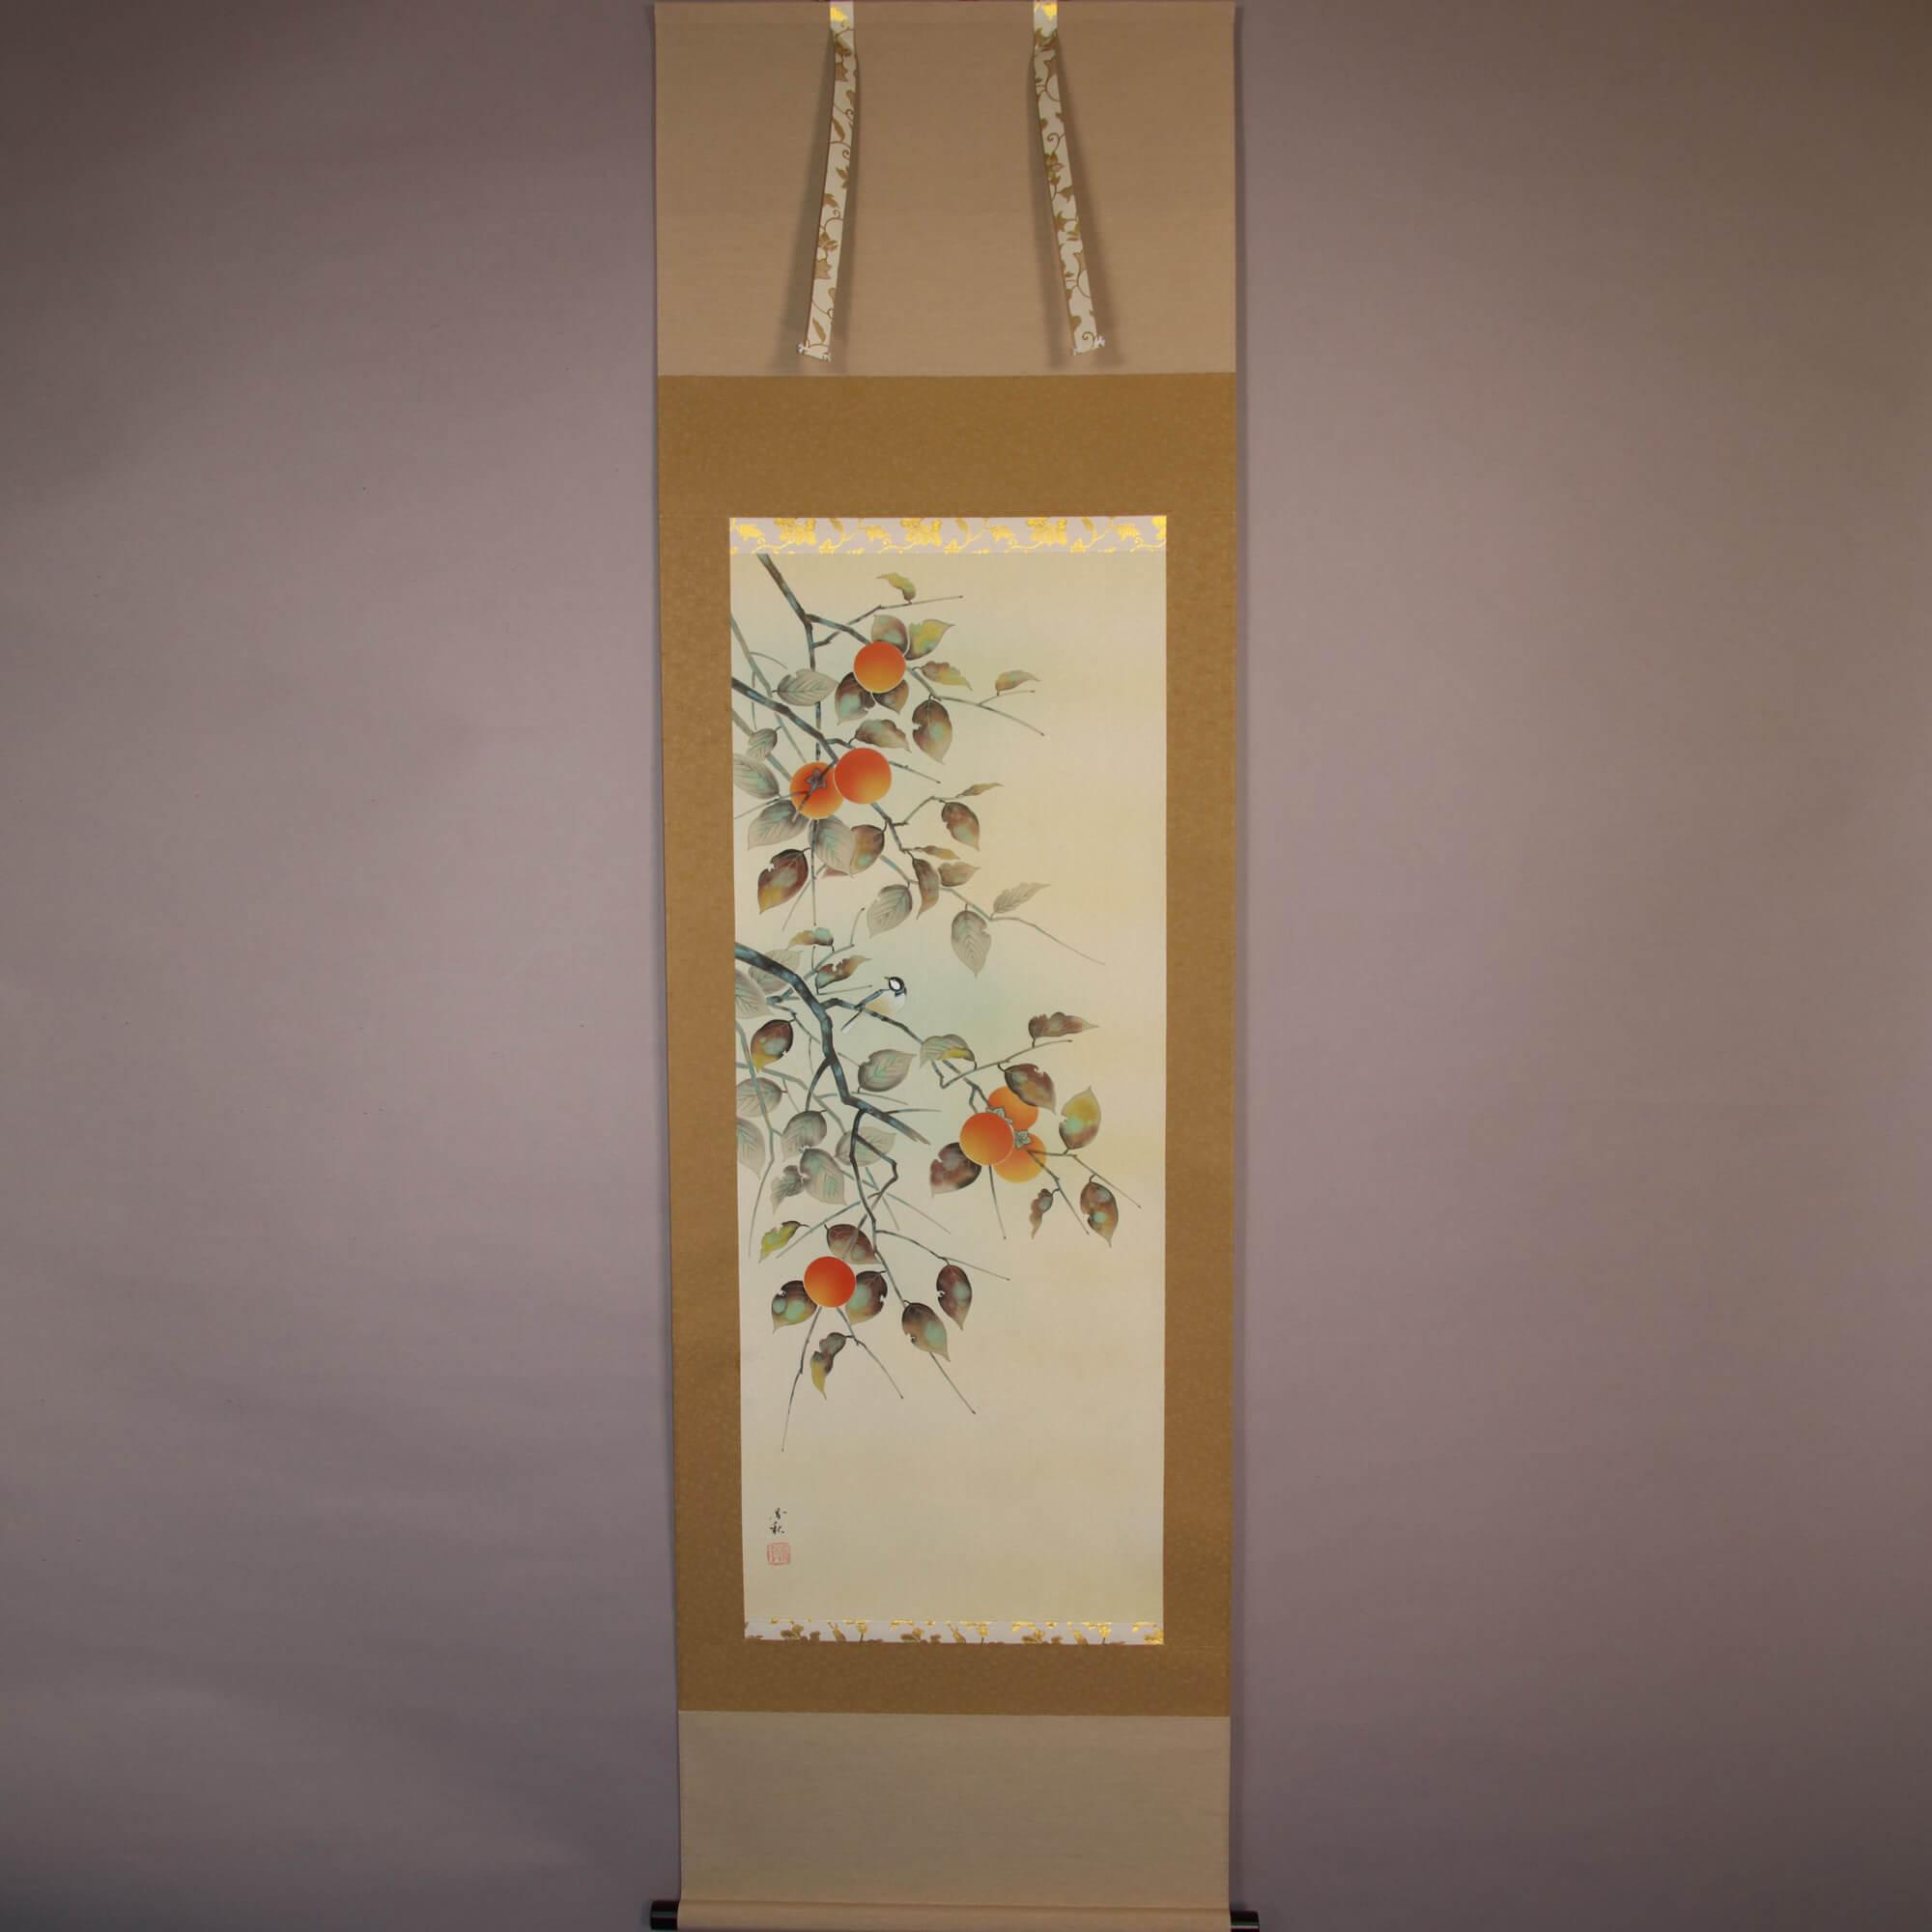 Persimmon and Bird / Yokoyama Kōshū